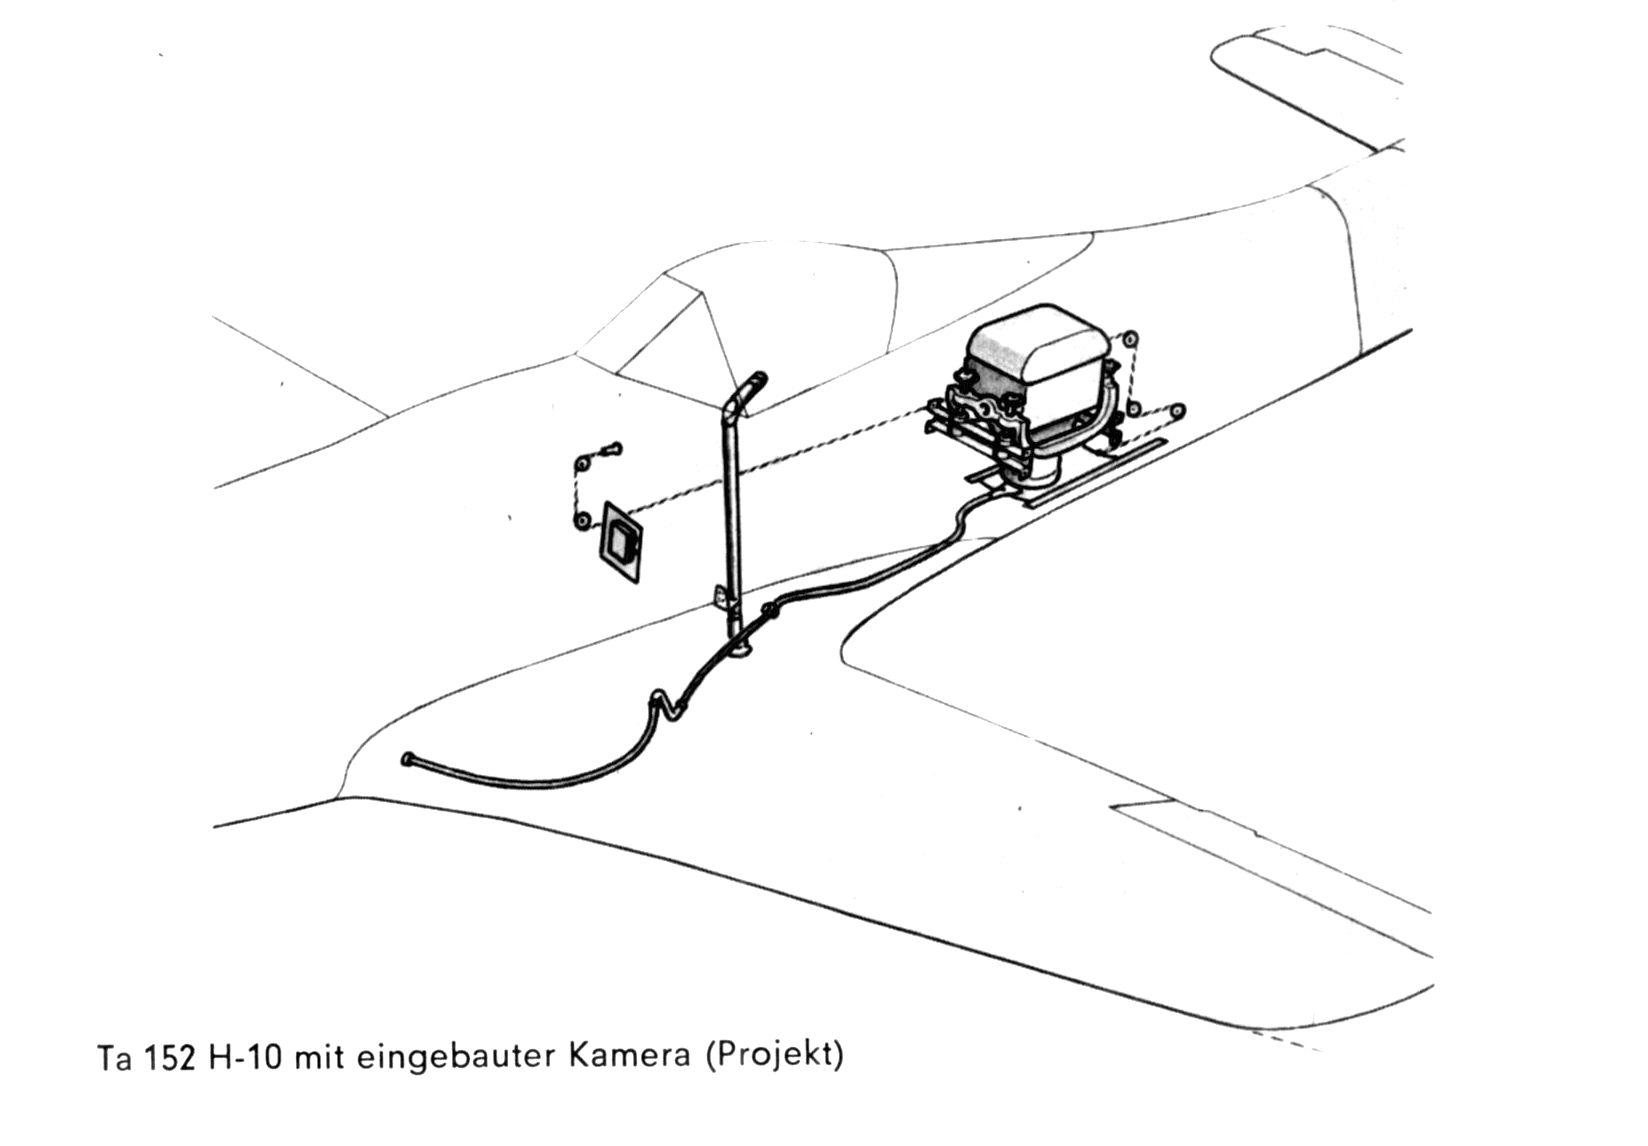 Ta 152 H-10 mit eingebauter Kamera (Projekt)